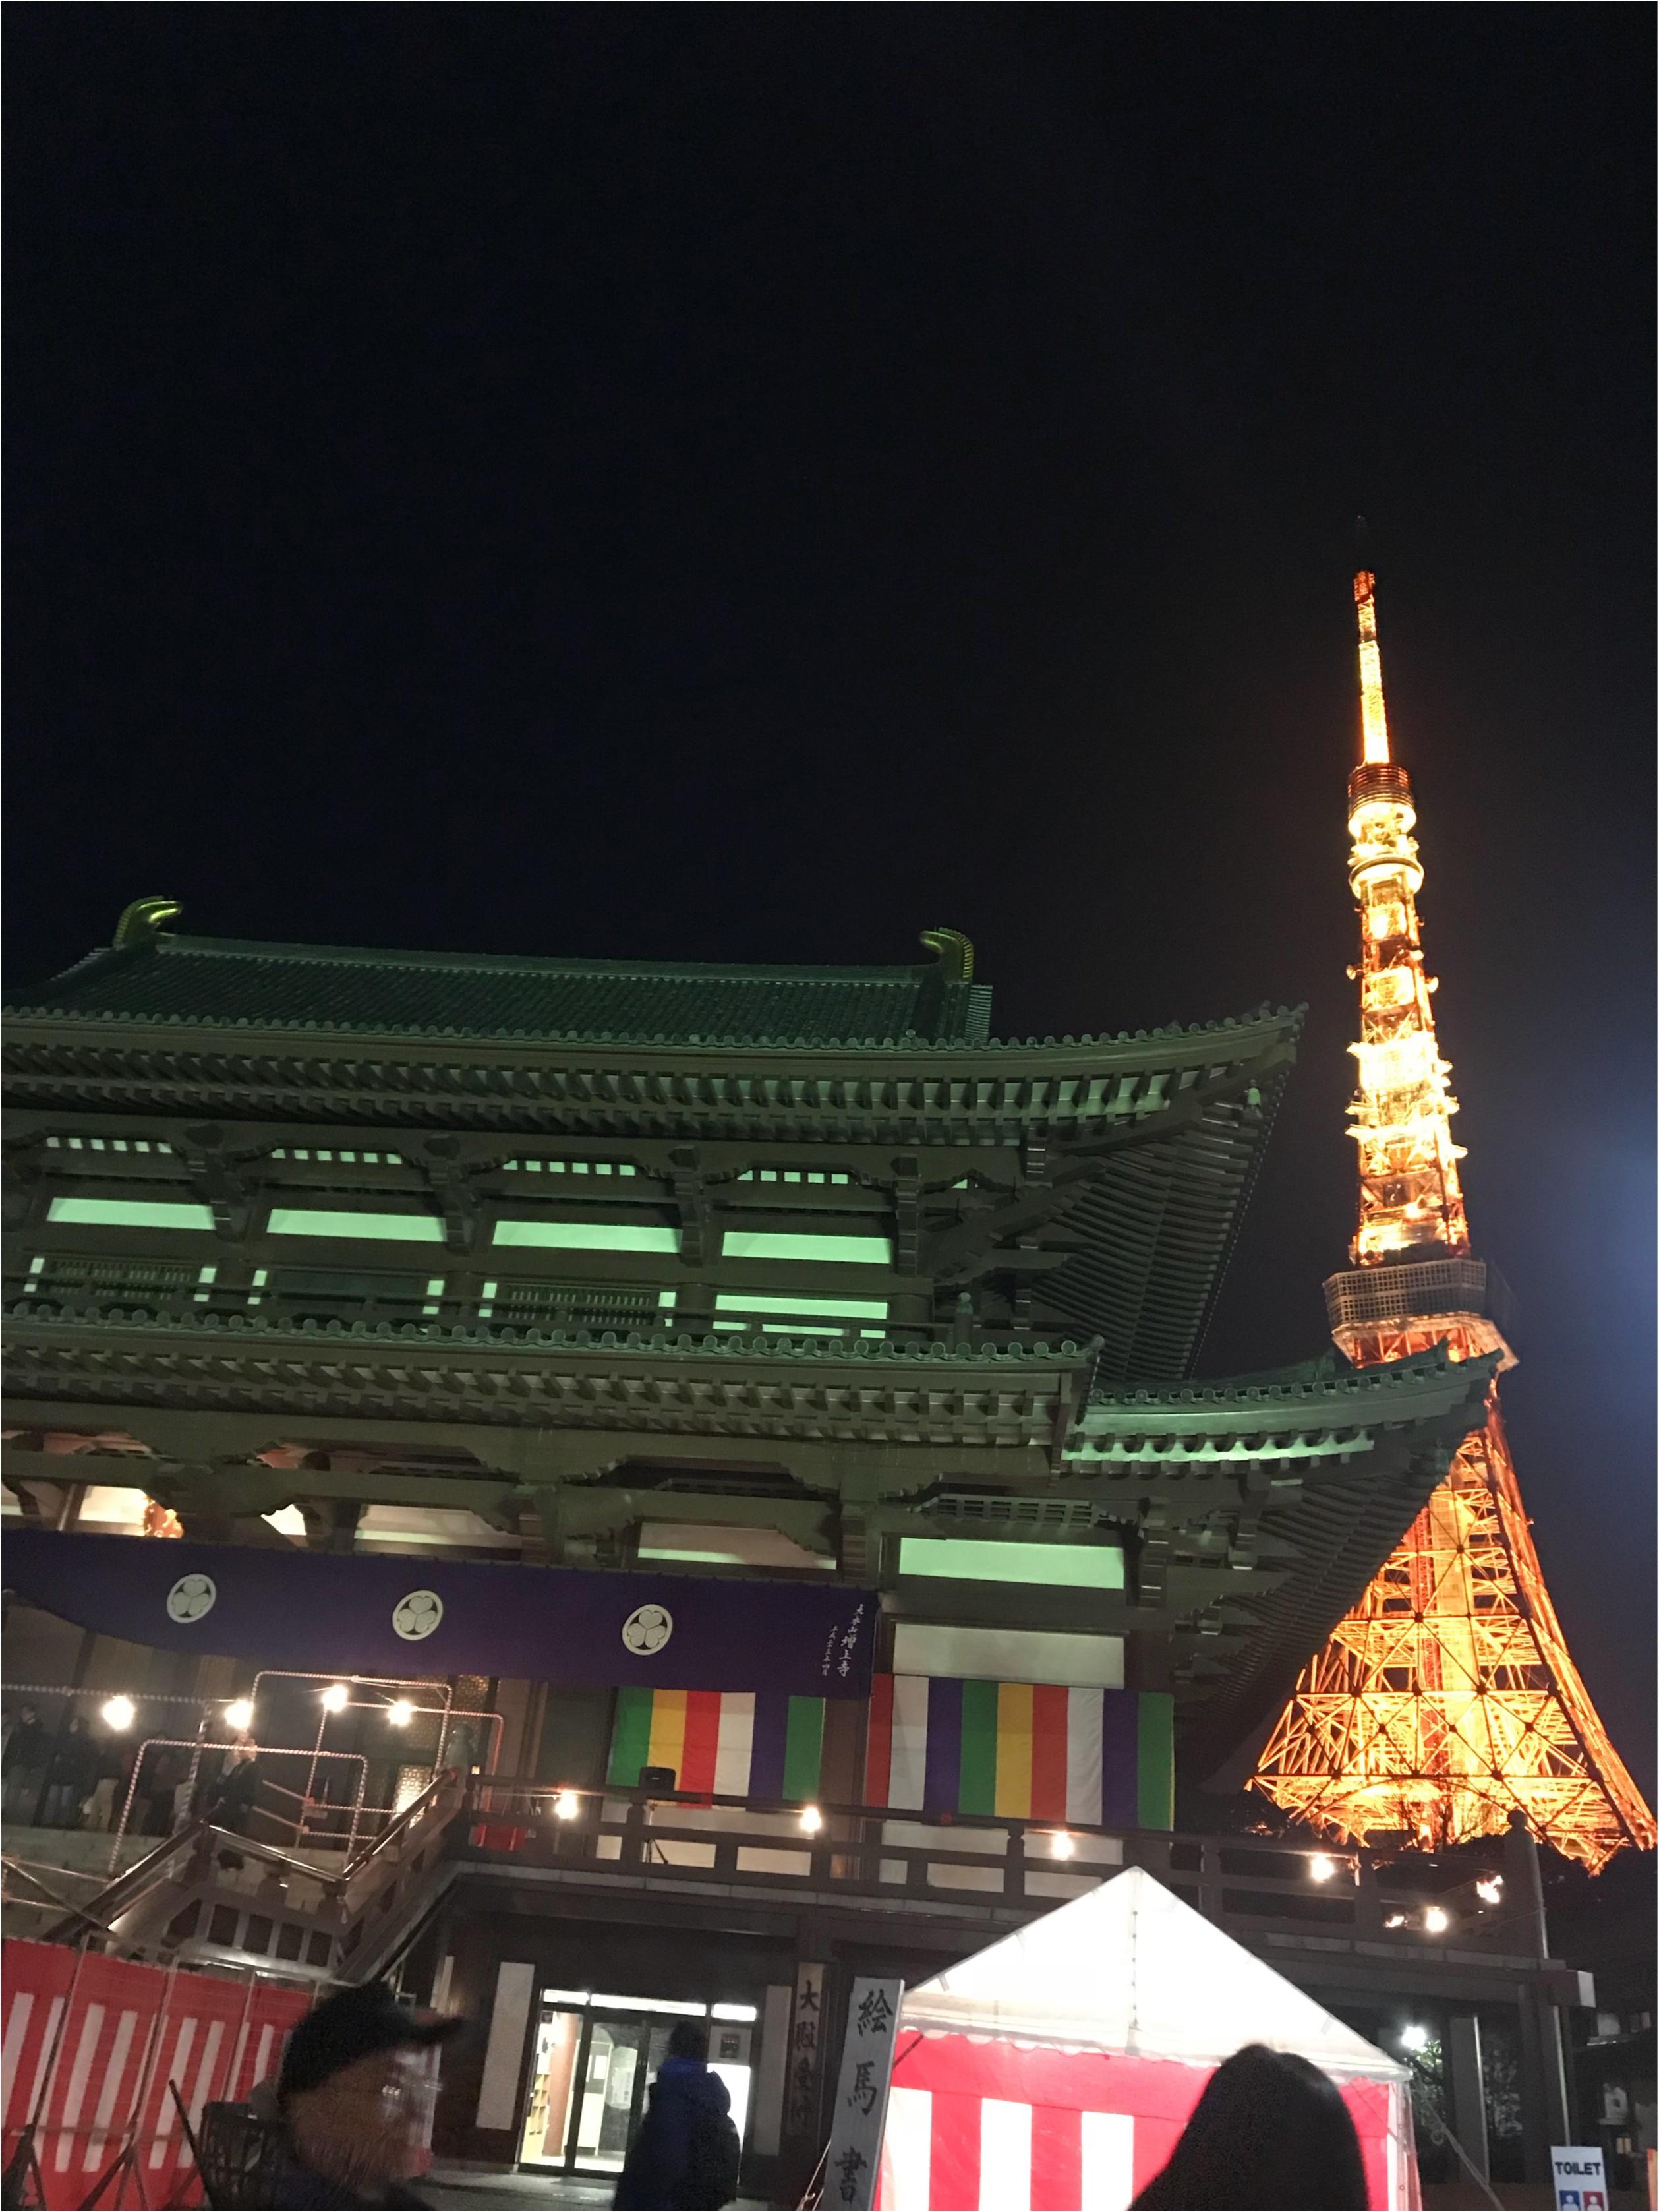 【東京タワー見ながら初詣】あけましておめでとうございます✭2018年もはっぴーな1年にするために♡すてきスポットで初詣に行きましょう!_3